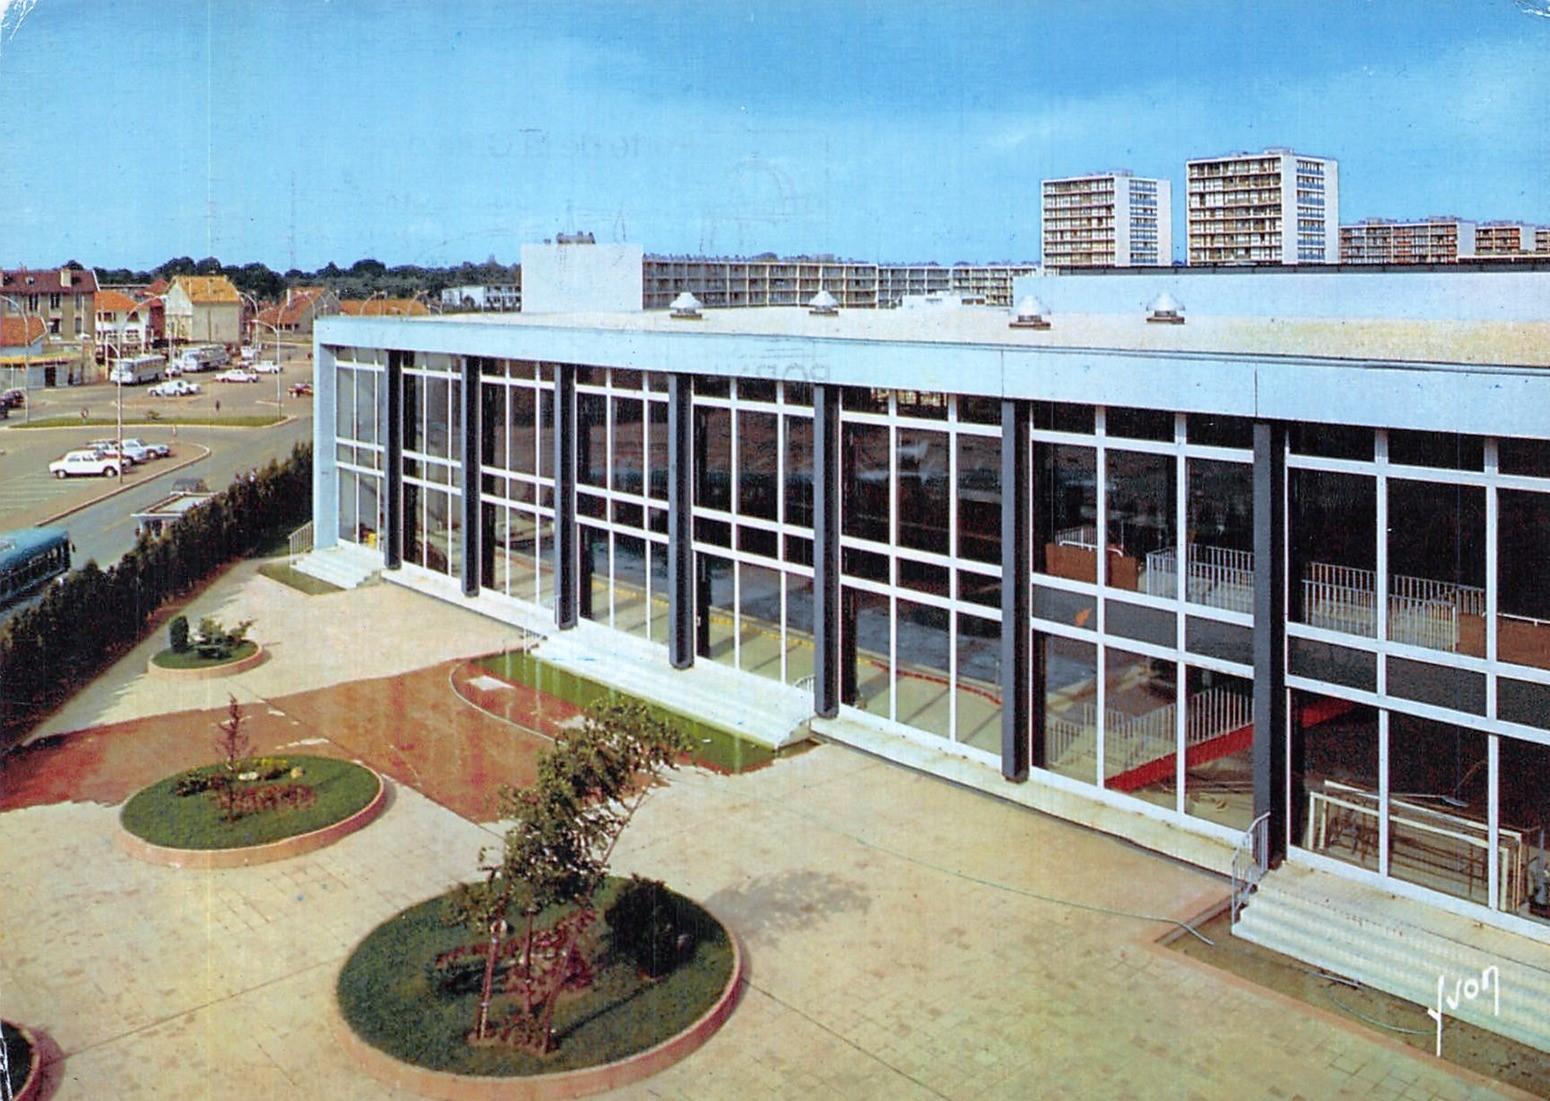 Vélizy-Villacoublay - Piscine municipale - Avenue Marcel Sembat - Date d'oblitération : 24.11.1986